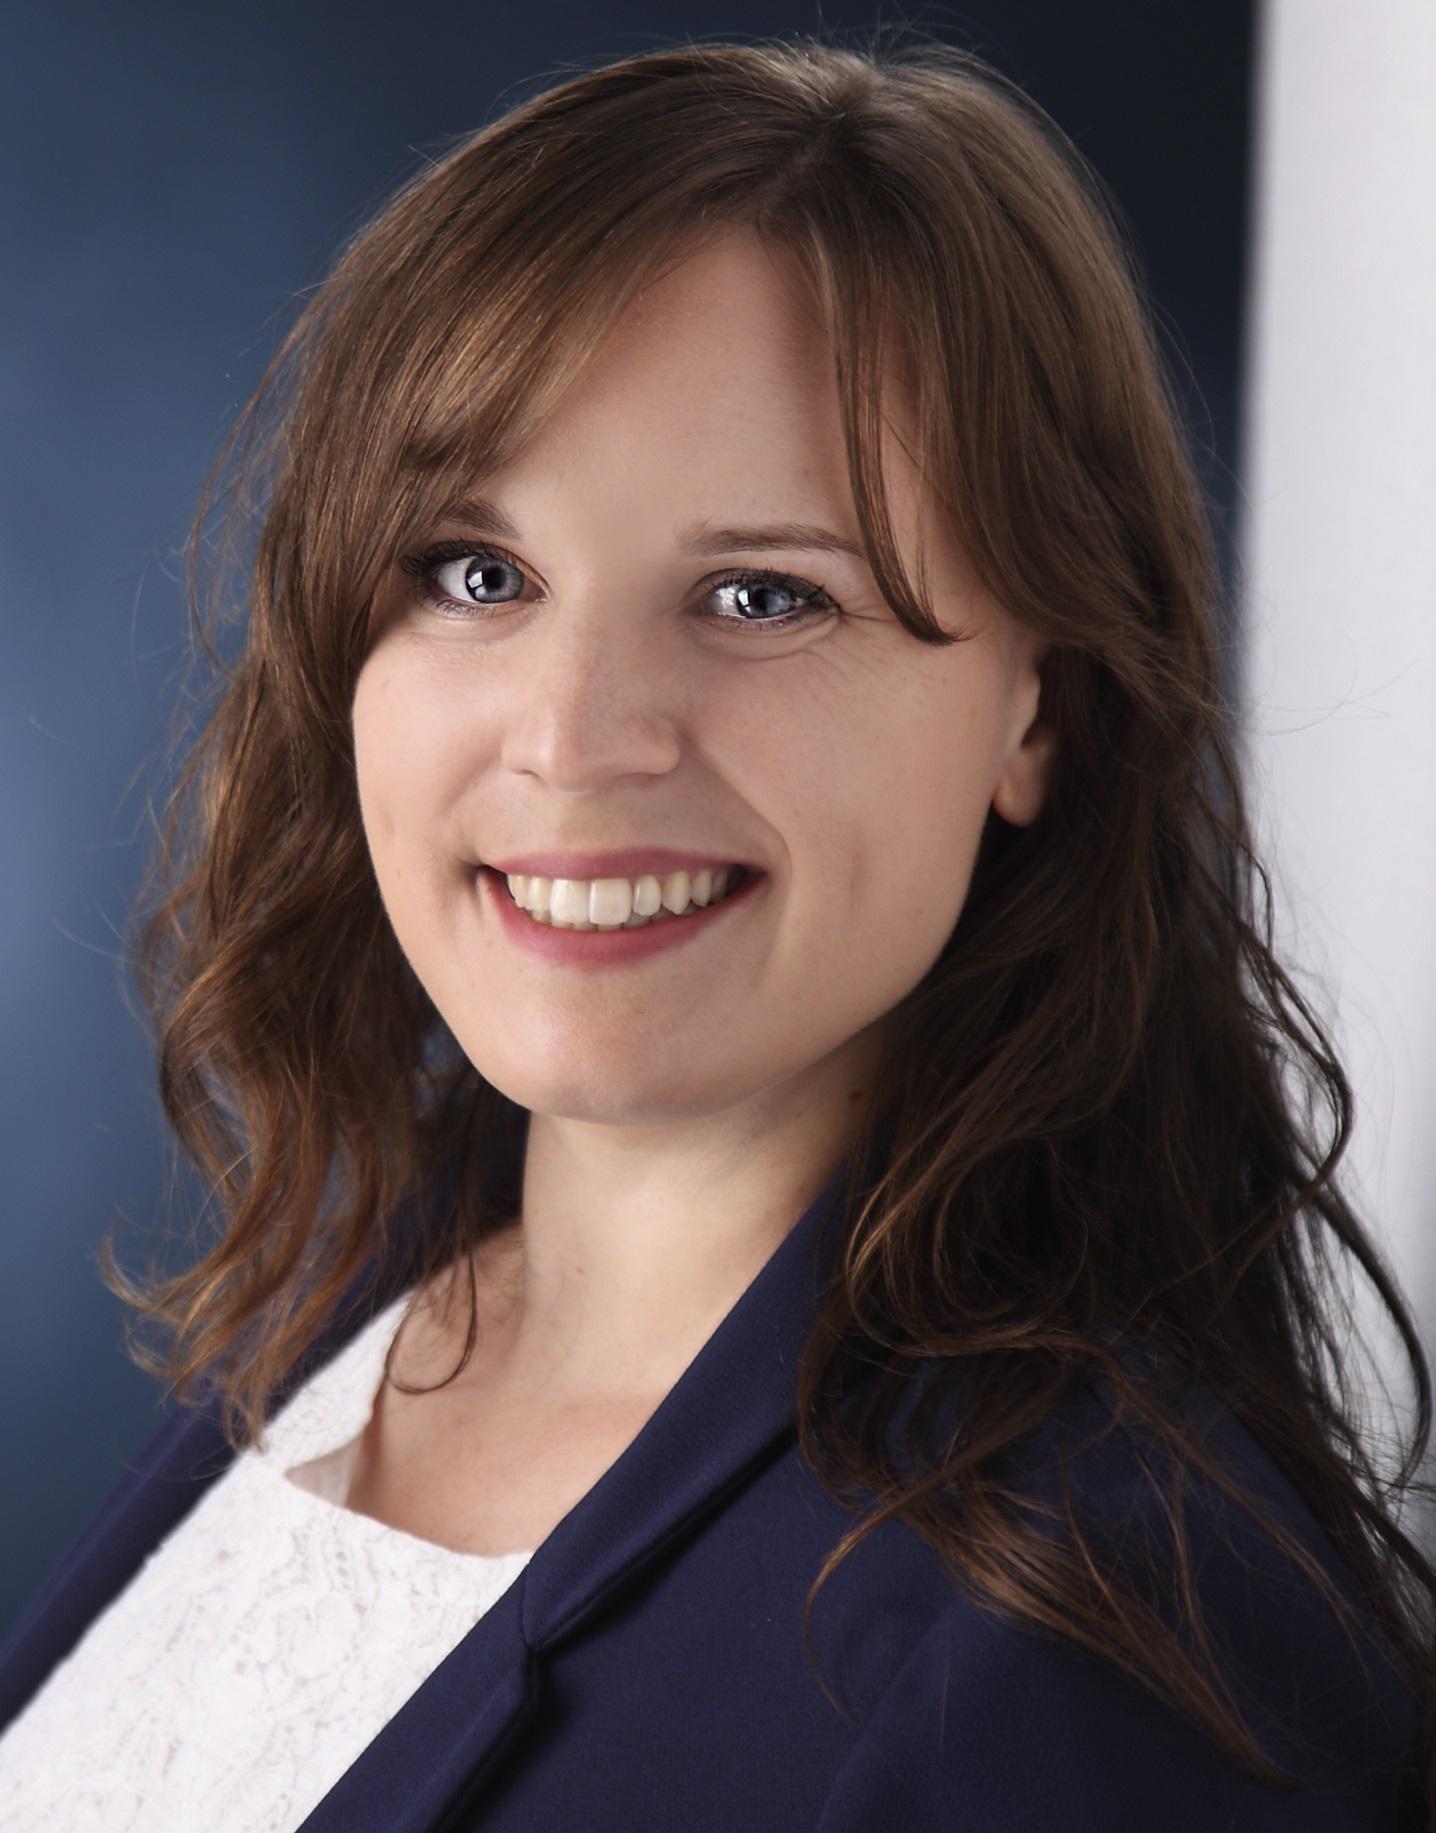 Louisa Kulke, University of Göttingen